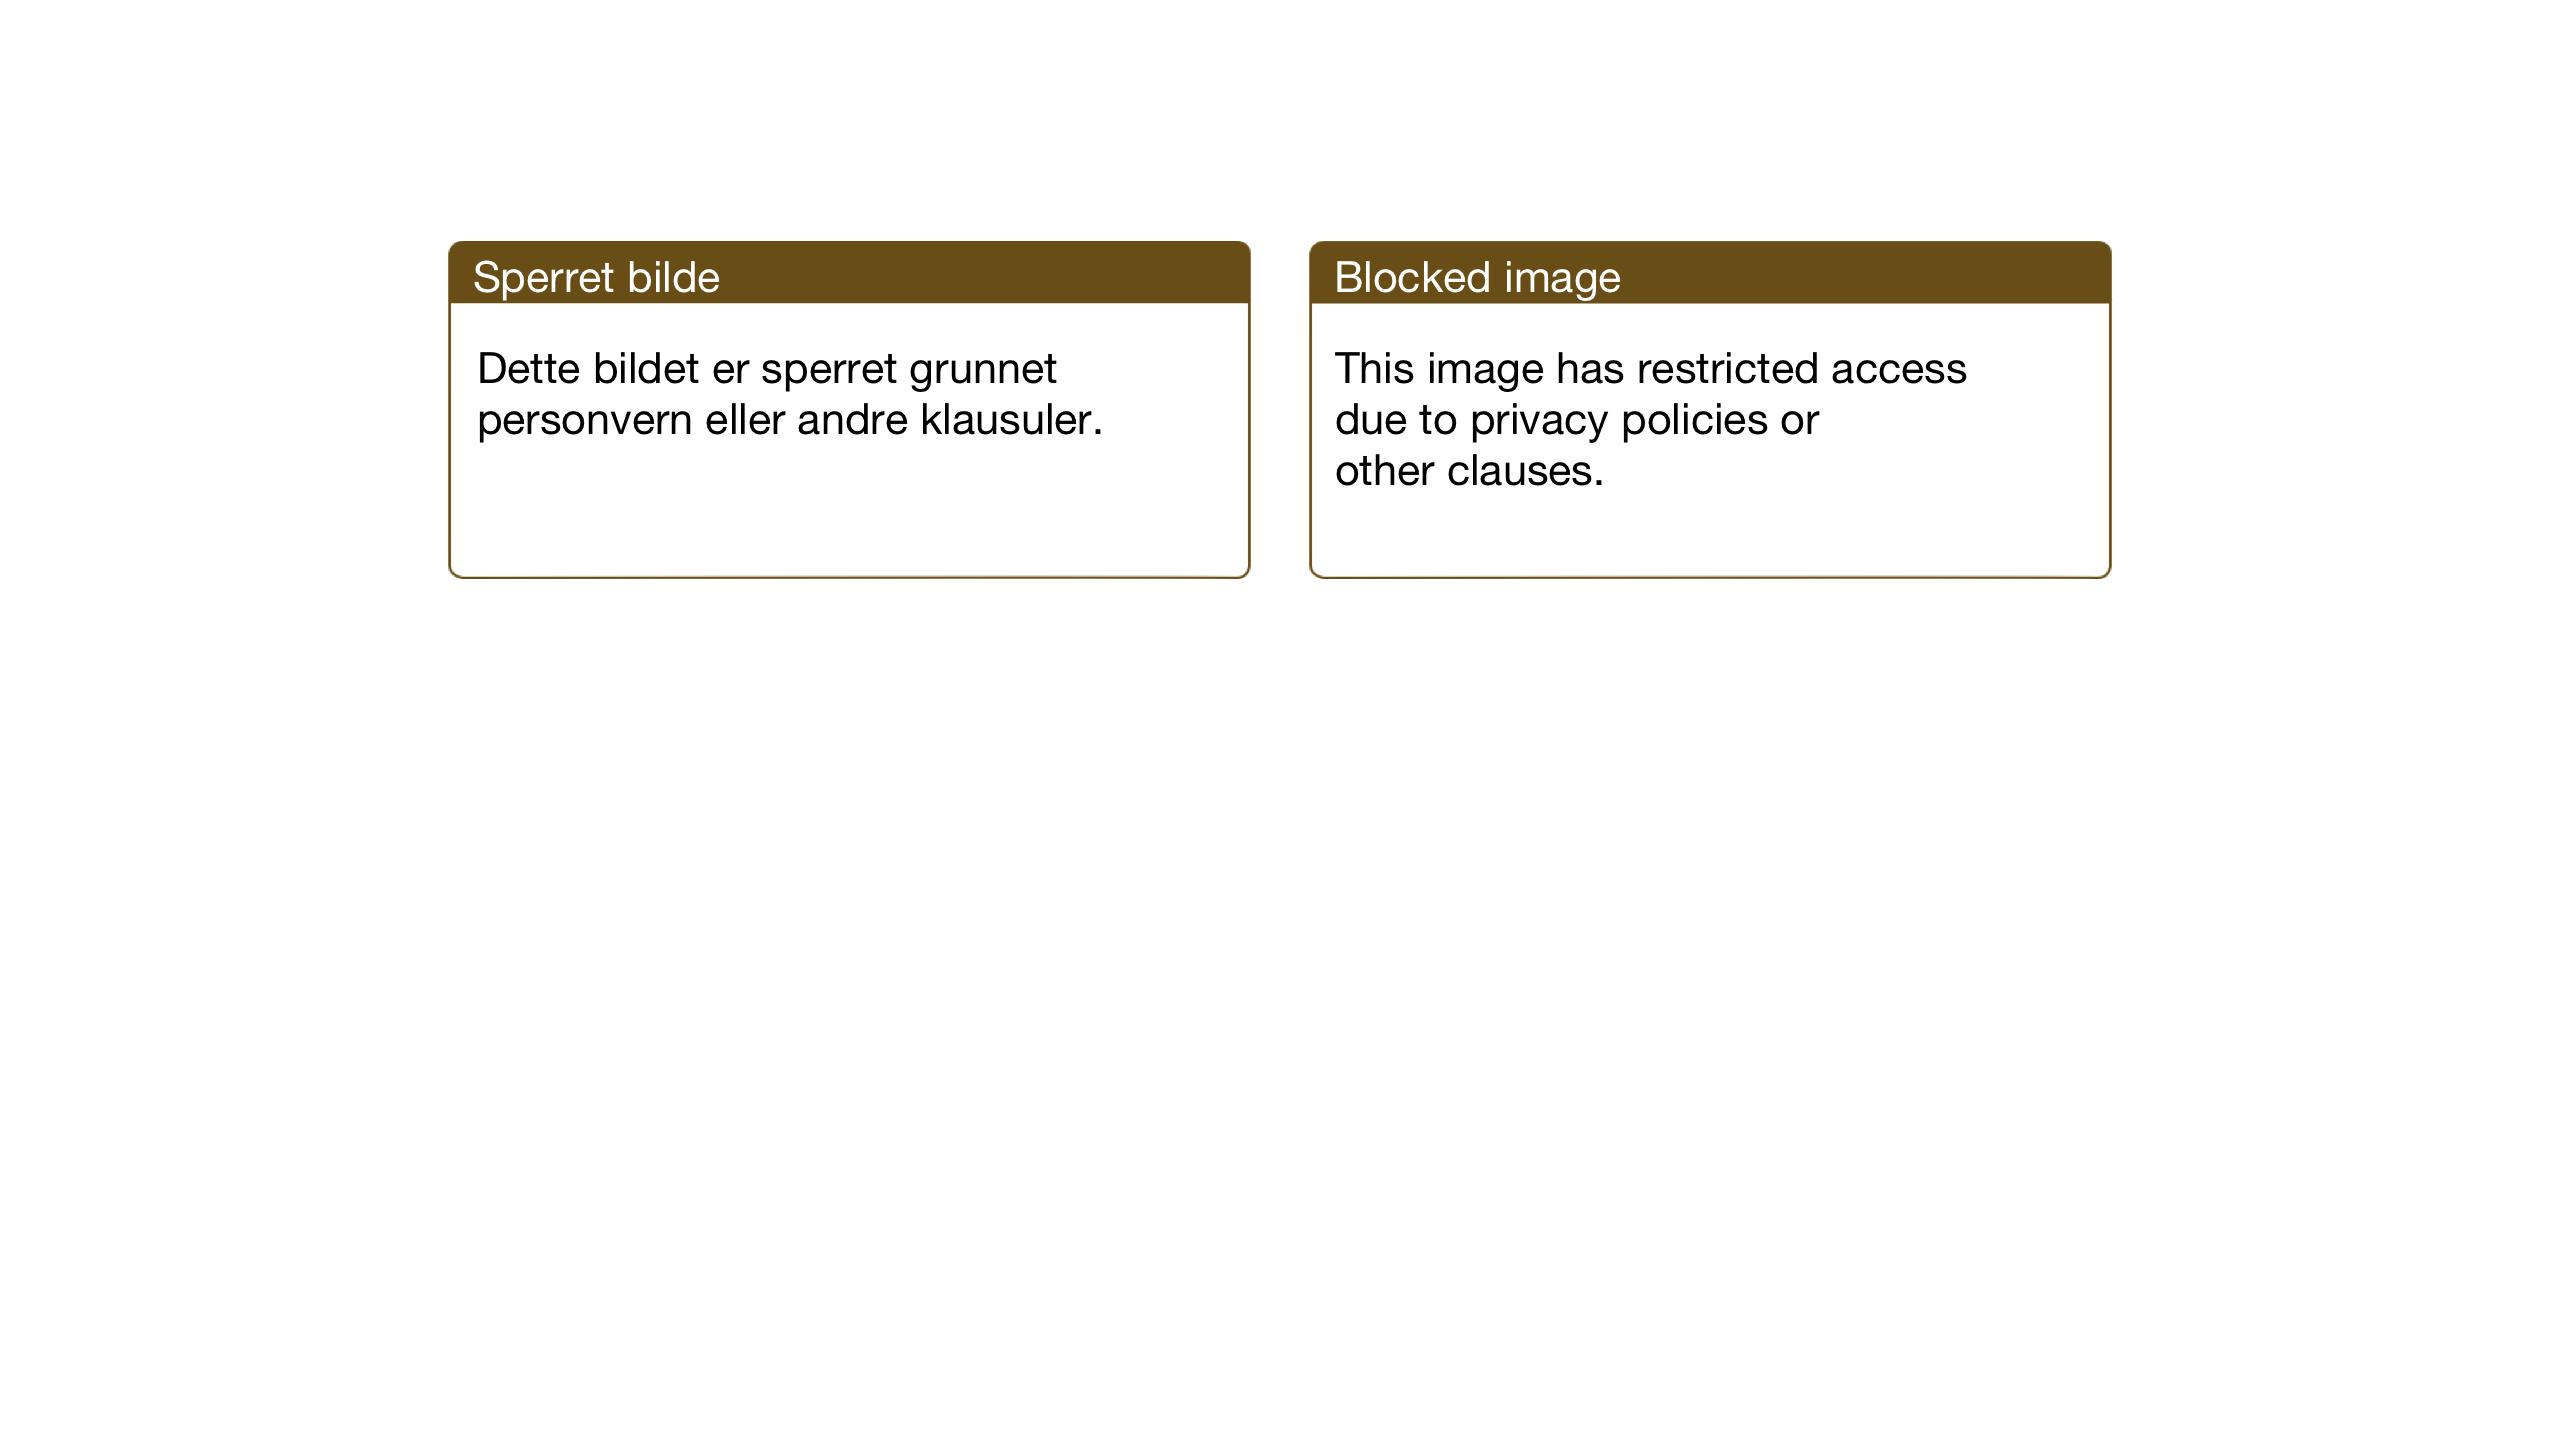 SAT, Ministerialprotokoller, klokkerbøker og fødselsregistre - Nord-Trøndelag, 720/L0193: Klokkerbok nr. 720C02, 1918-1941, s. 37